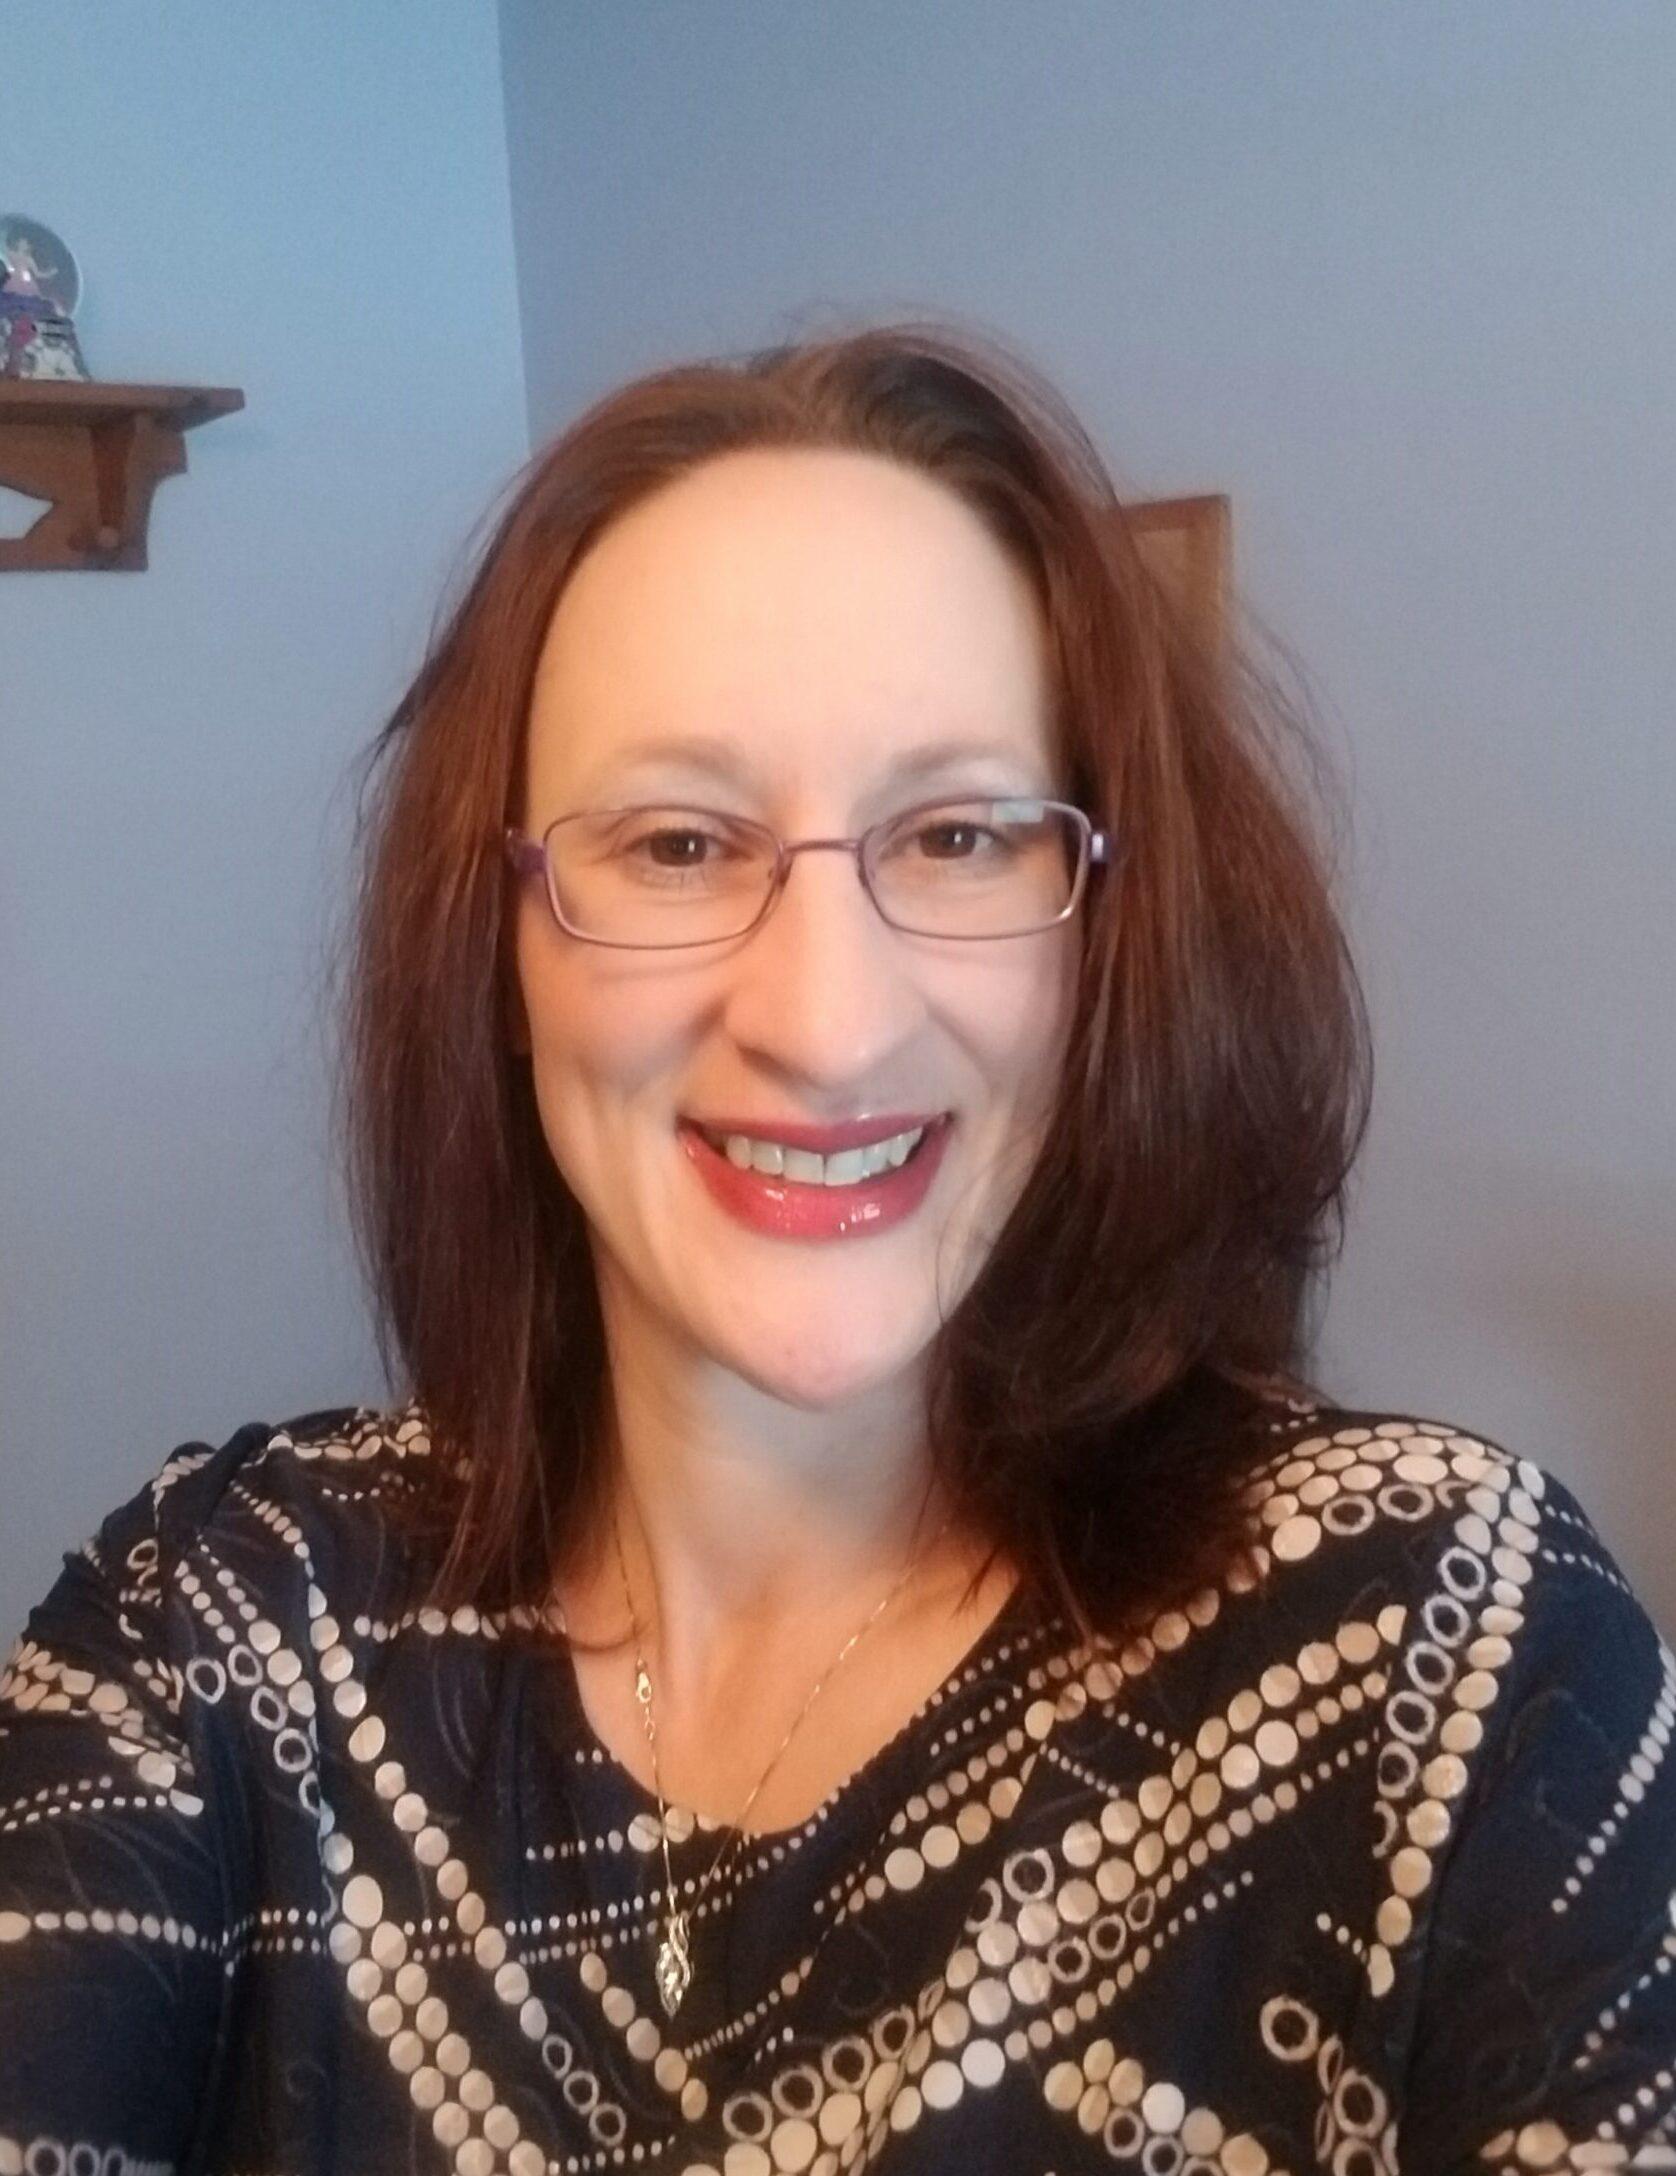 Sheila Johal, MS CGC